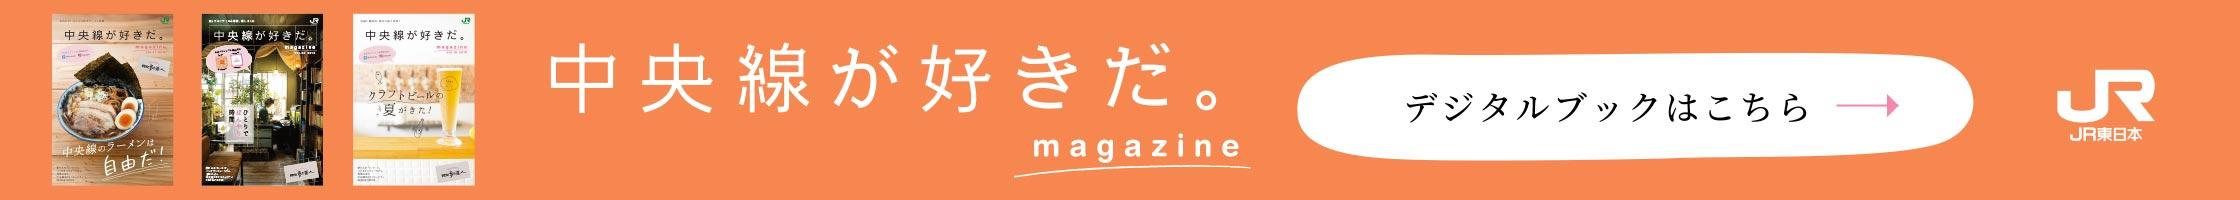 中央線が好きだ。magazine デジタルブックはこちら JR東日本